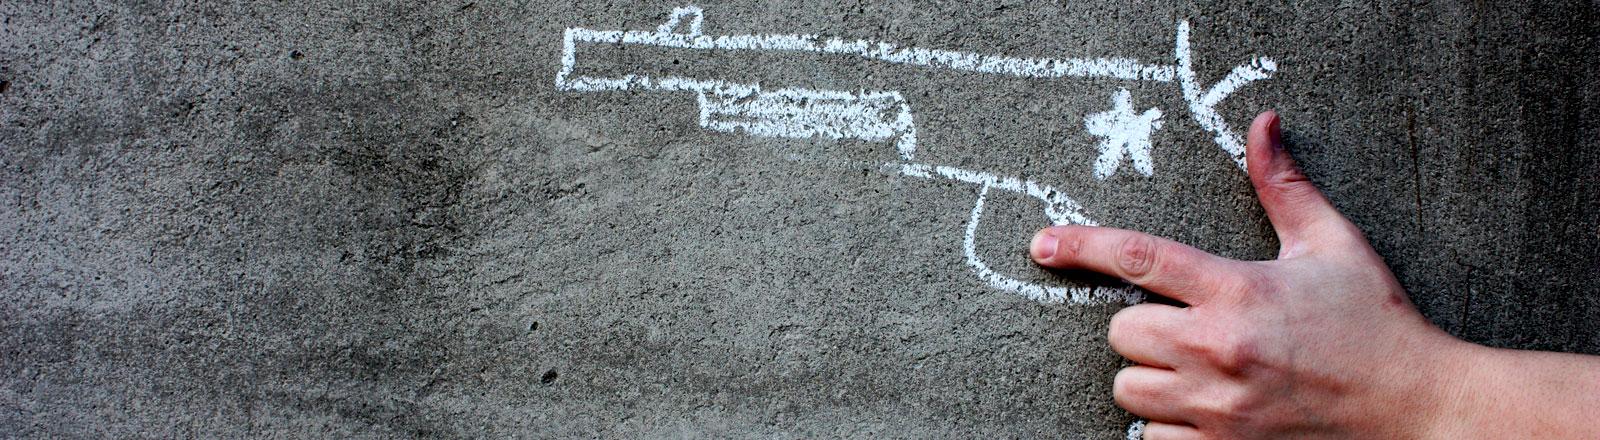 Eine Hand hält einen Colt, der mit Kreide auf eine Hauswand gemalt ist.